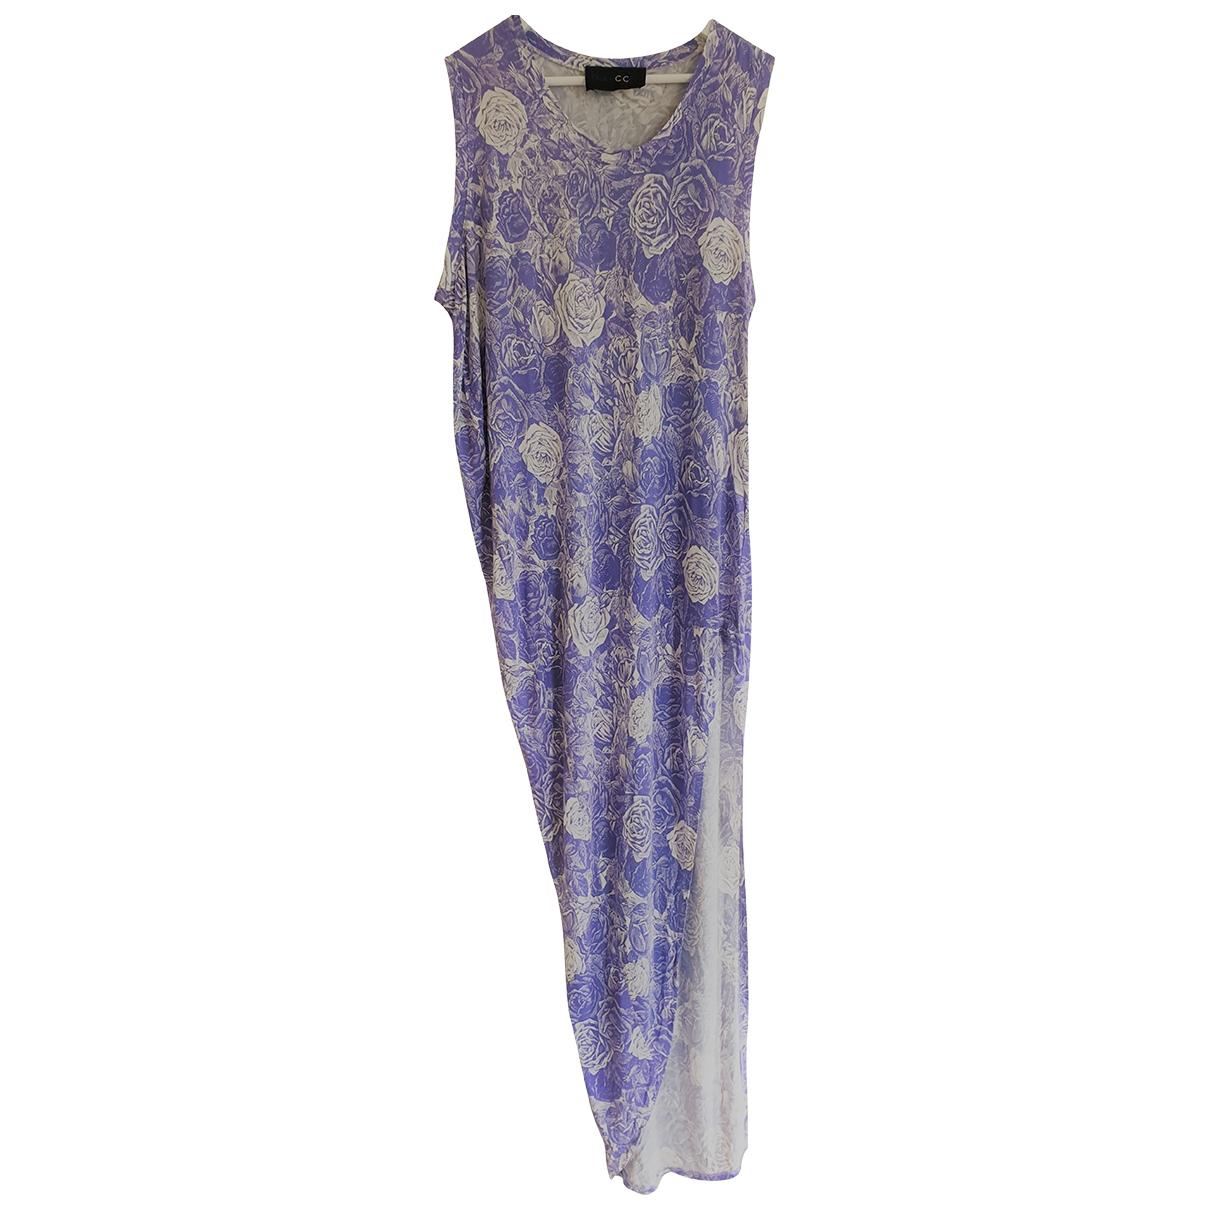 Thakoon \N Kleid in  Lila Viskose